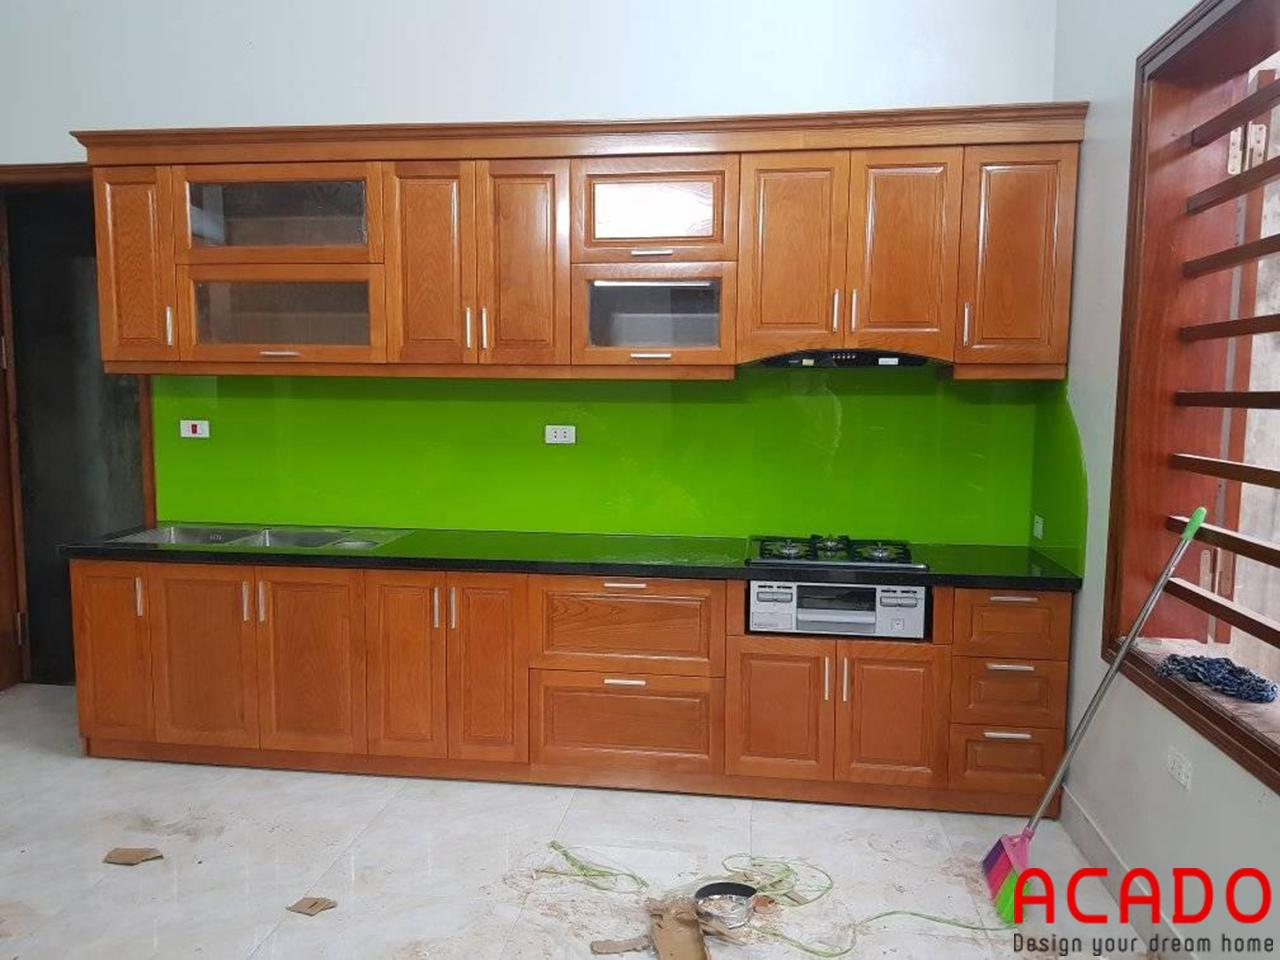 Tủ bếp kính màu xanh lá cây chất liệu gỗ xoan đào dáng chữ I nhỏ gọn, hiện đại